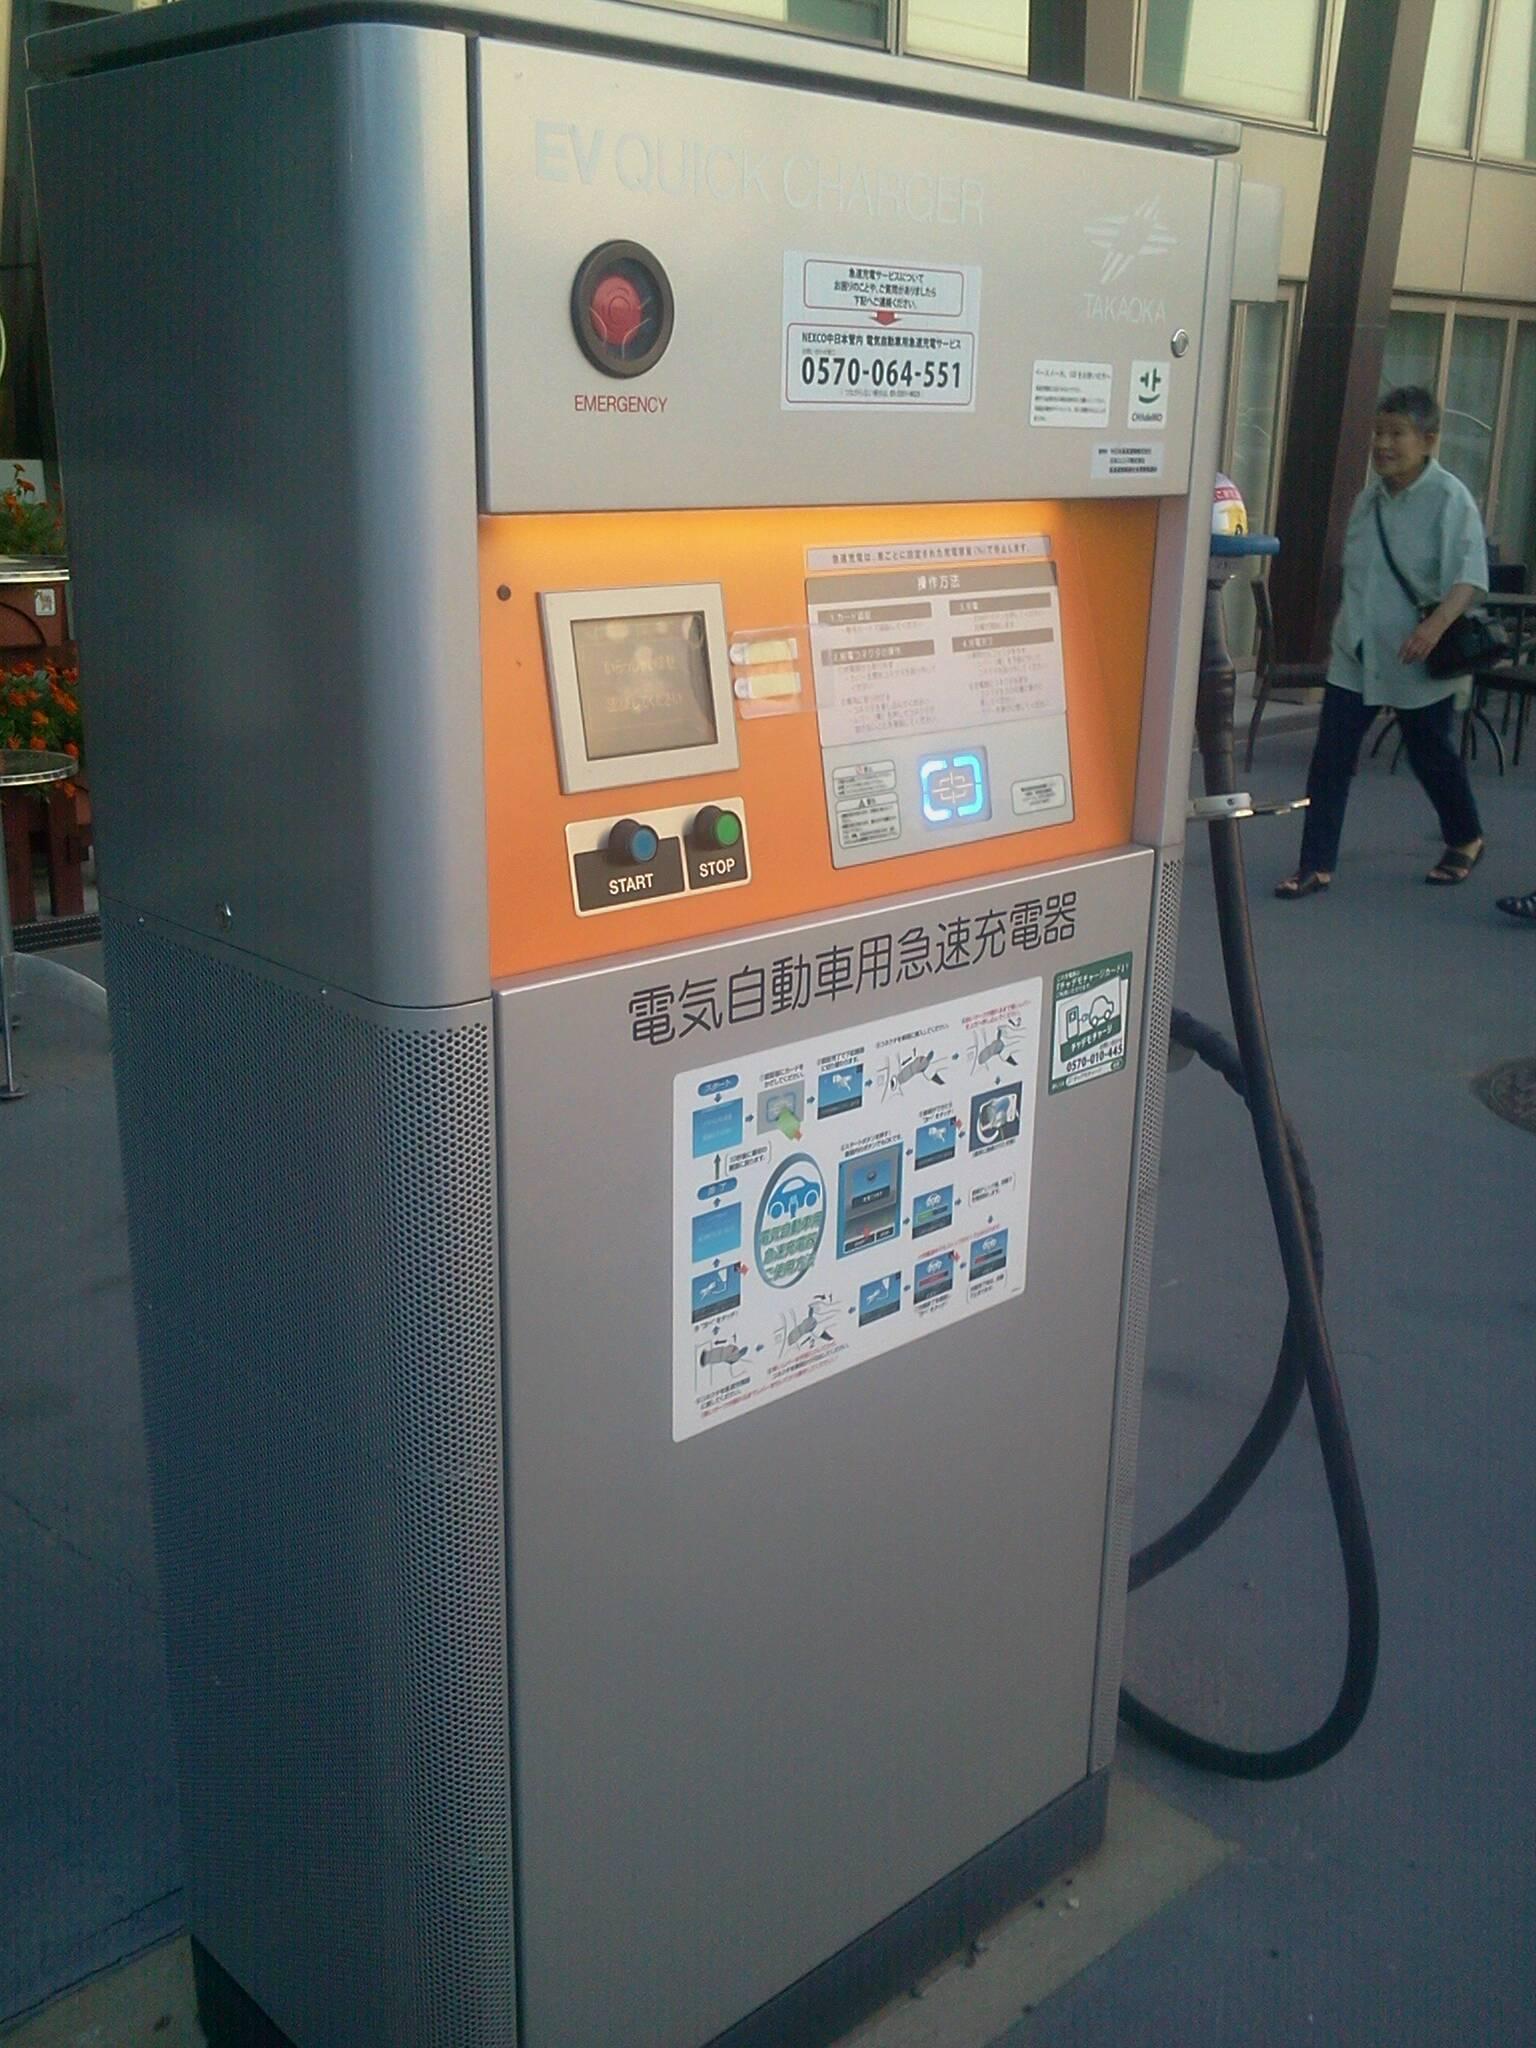 自動販売機!?_e0149215_21235158.jpg